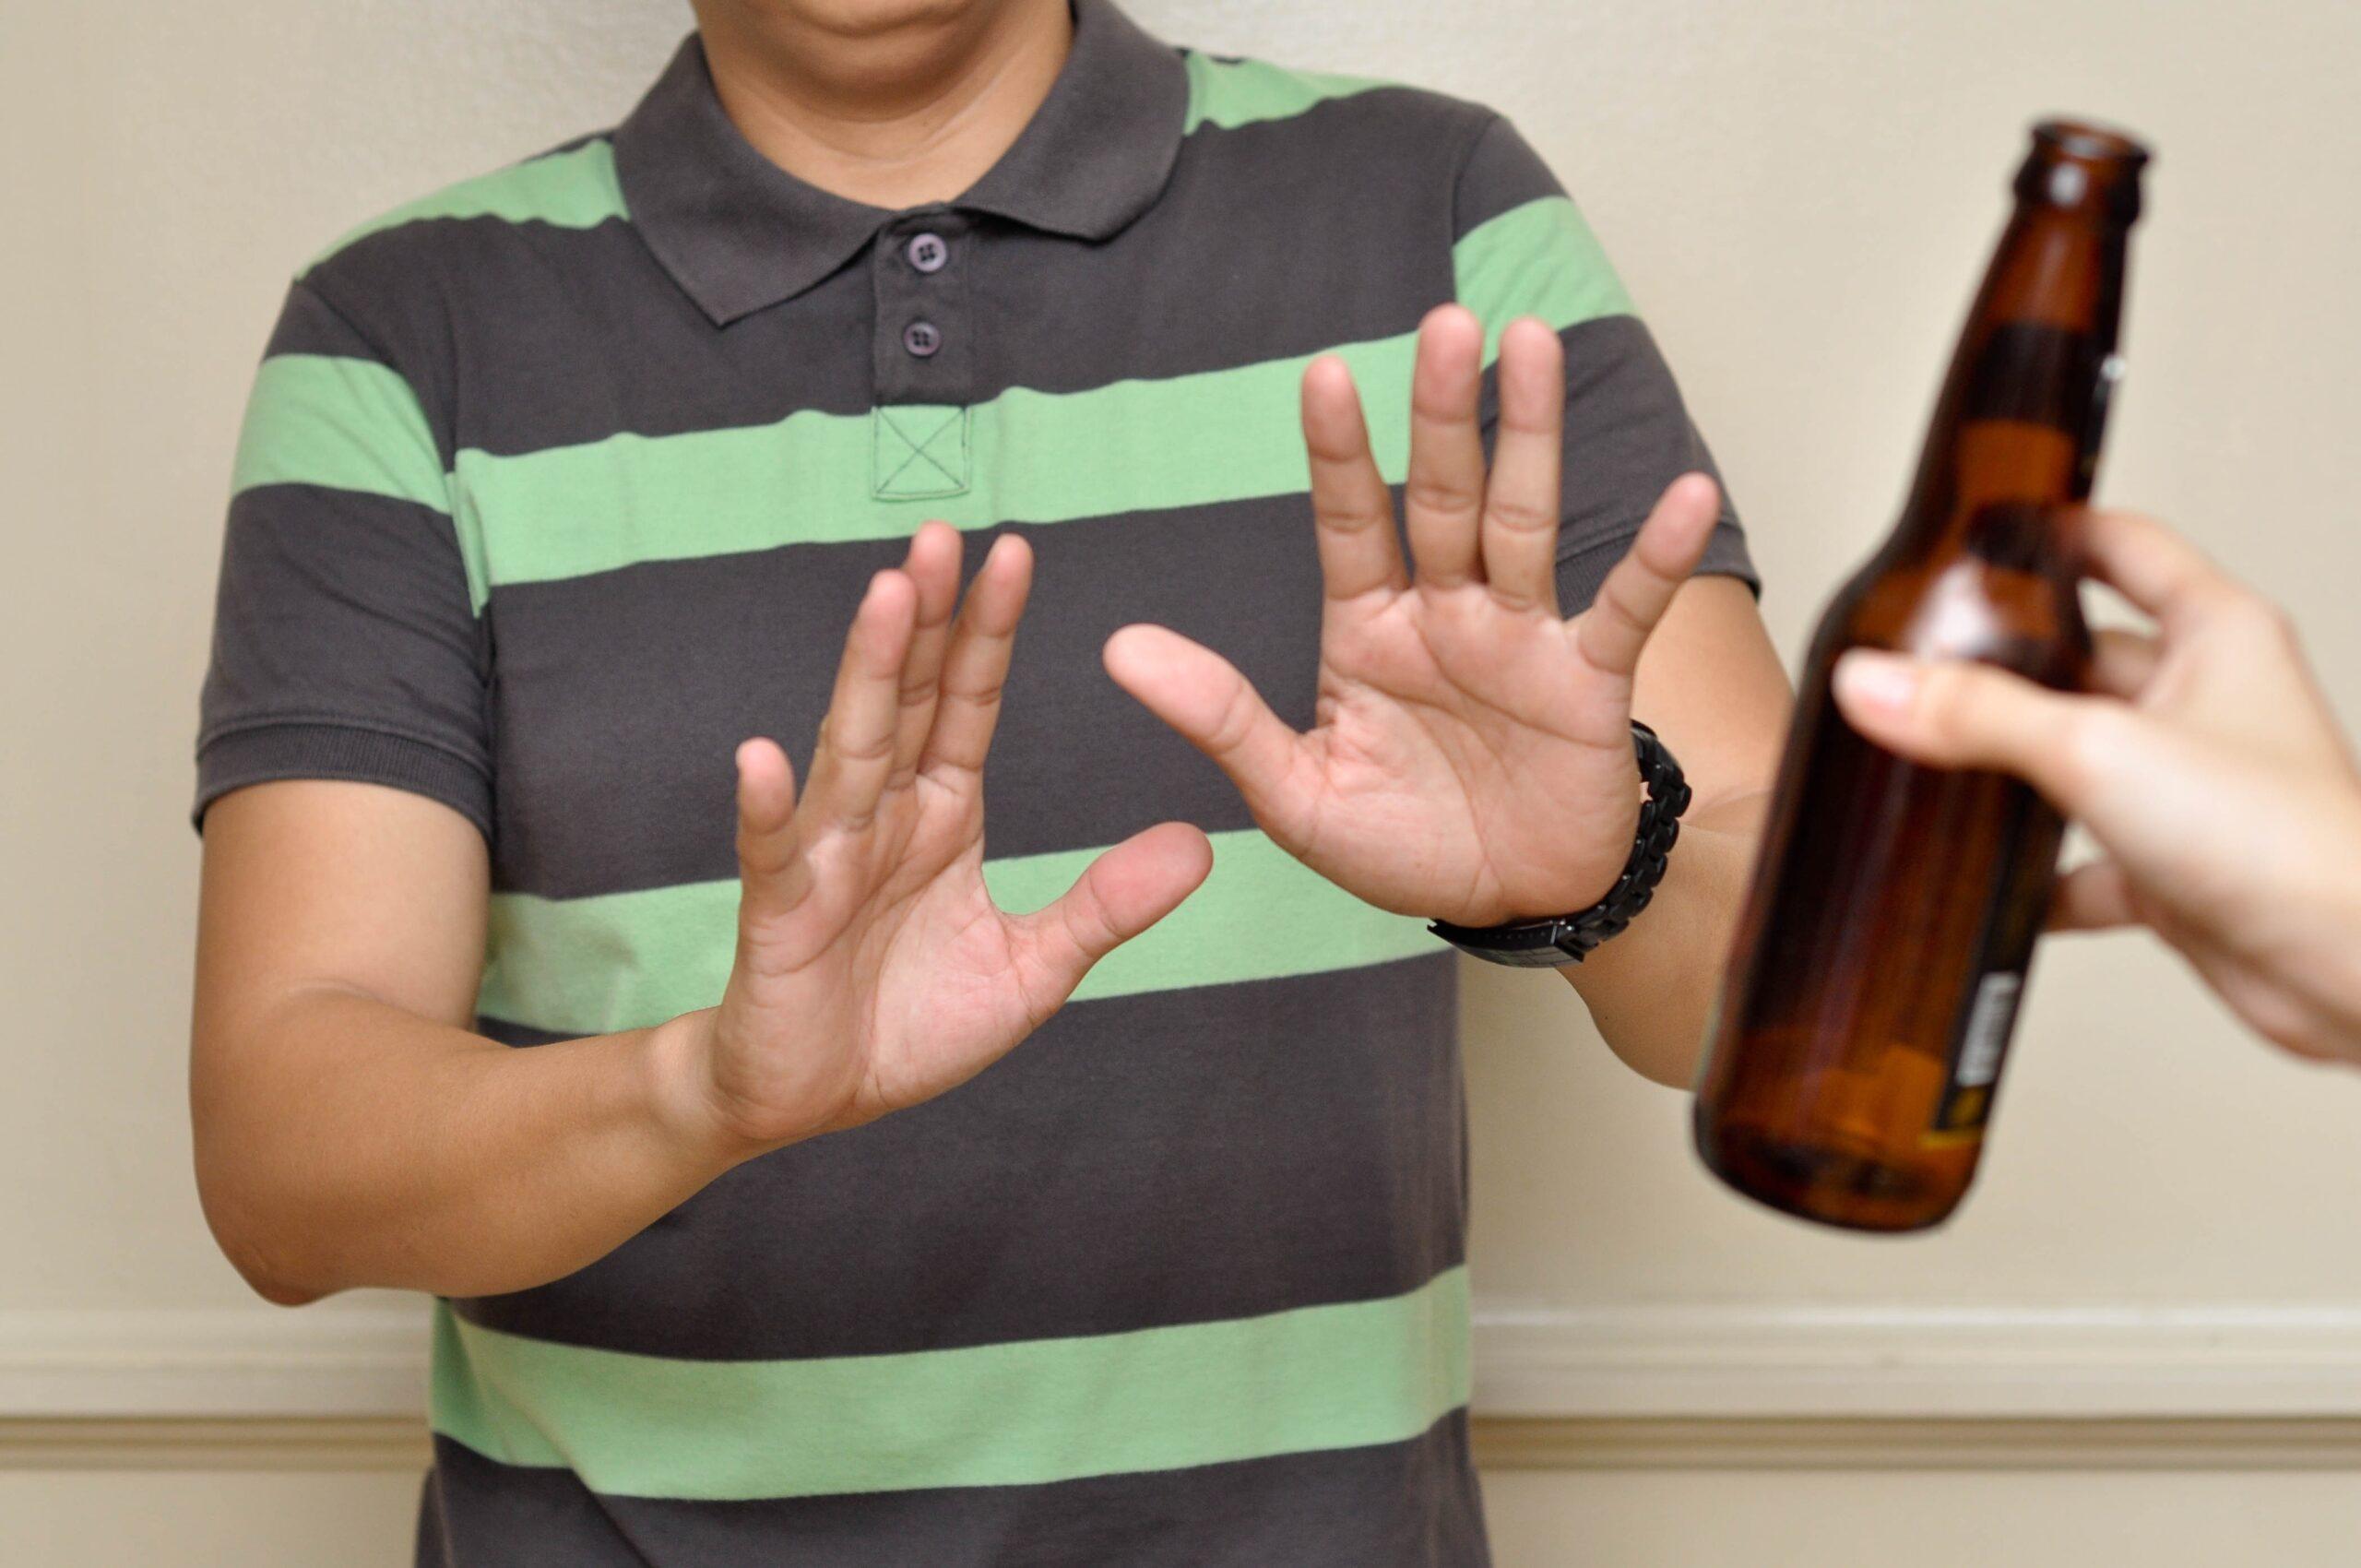 Không sử dụng rượu bia và chất kích thích trong 24 giờ sau khi dùng viên uống Rocket 1H